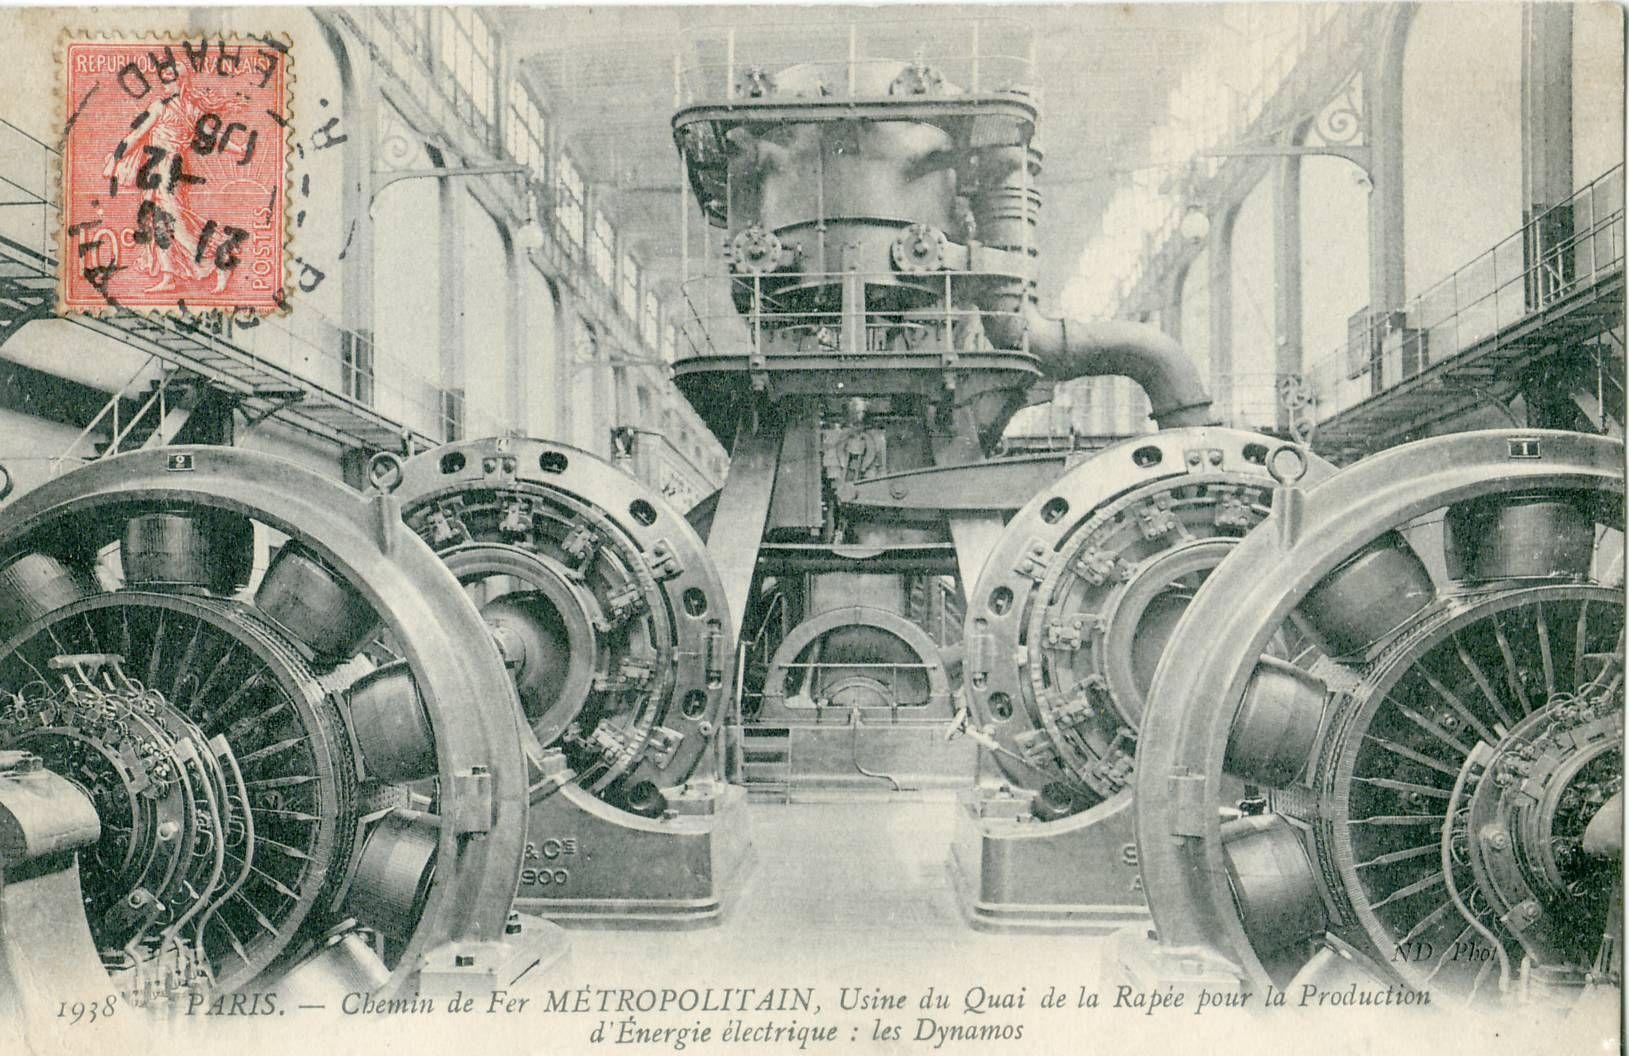 PARIS - Chemin de fer métropolitain - Usine du Quai de la Rapée pour la production d'énergie électrique - Les Dynamos - 001